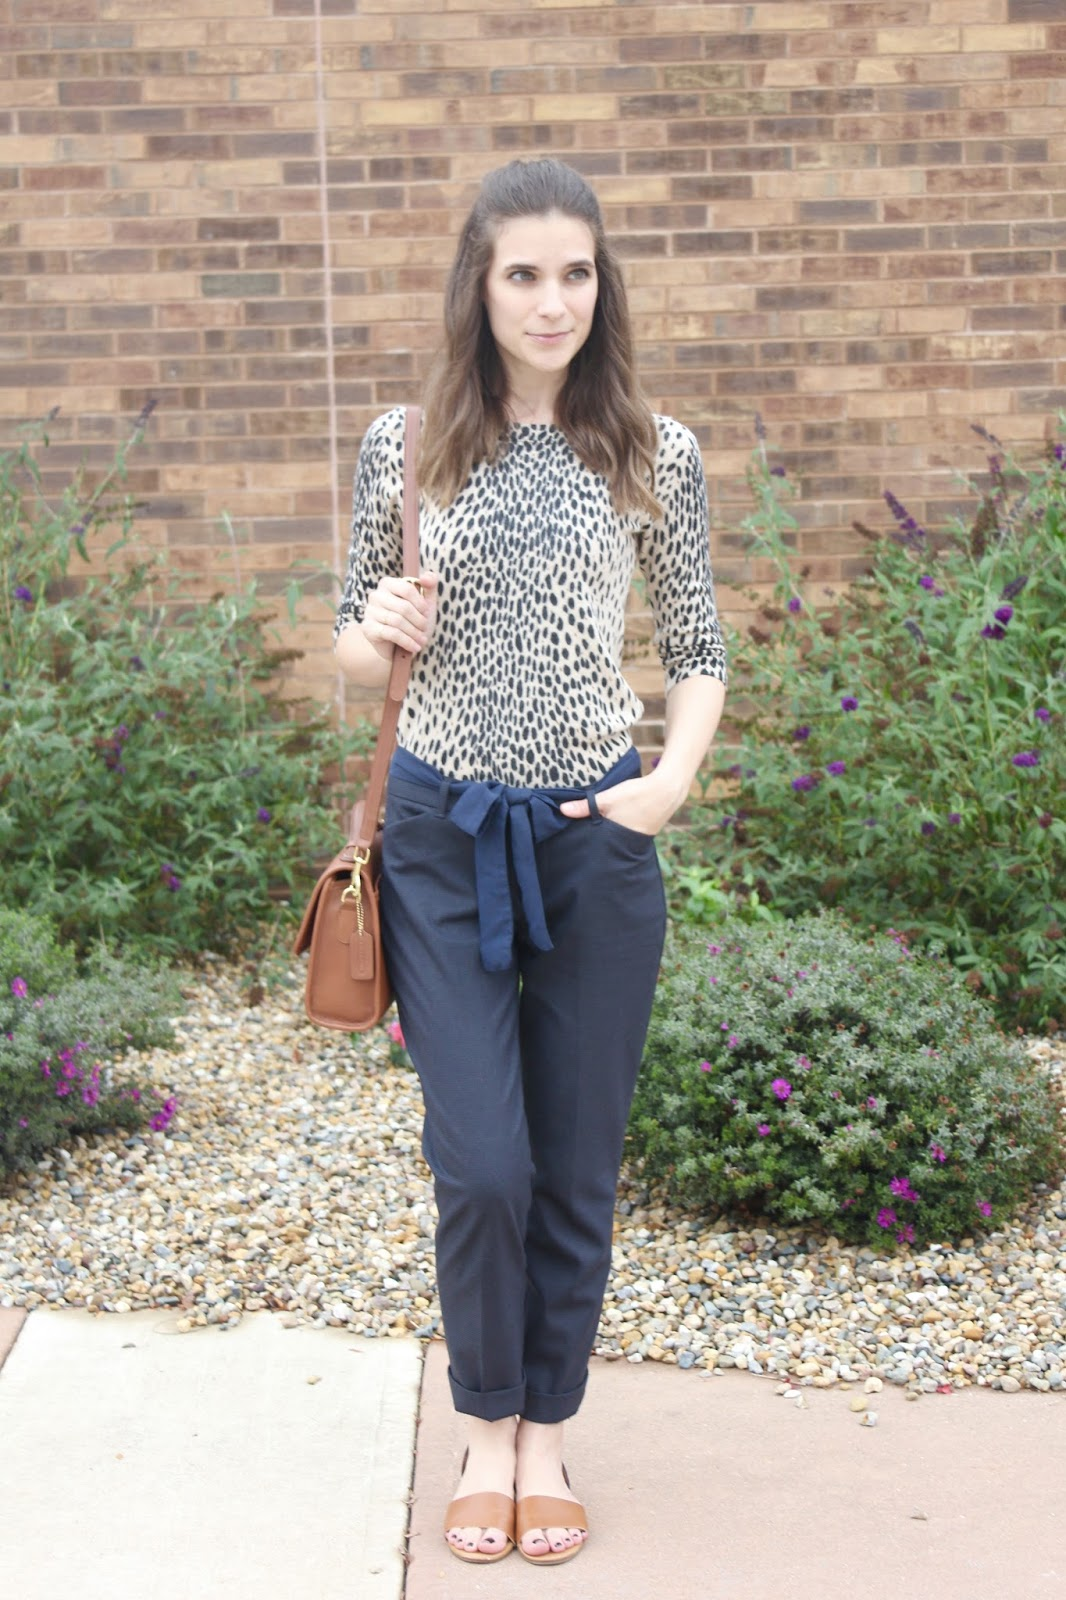 animal print top and navy pants